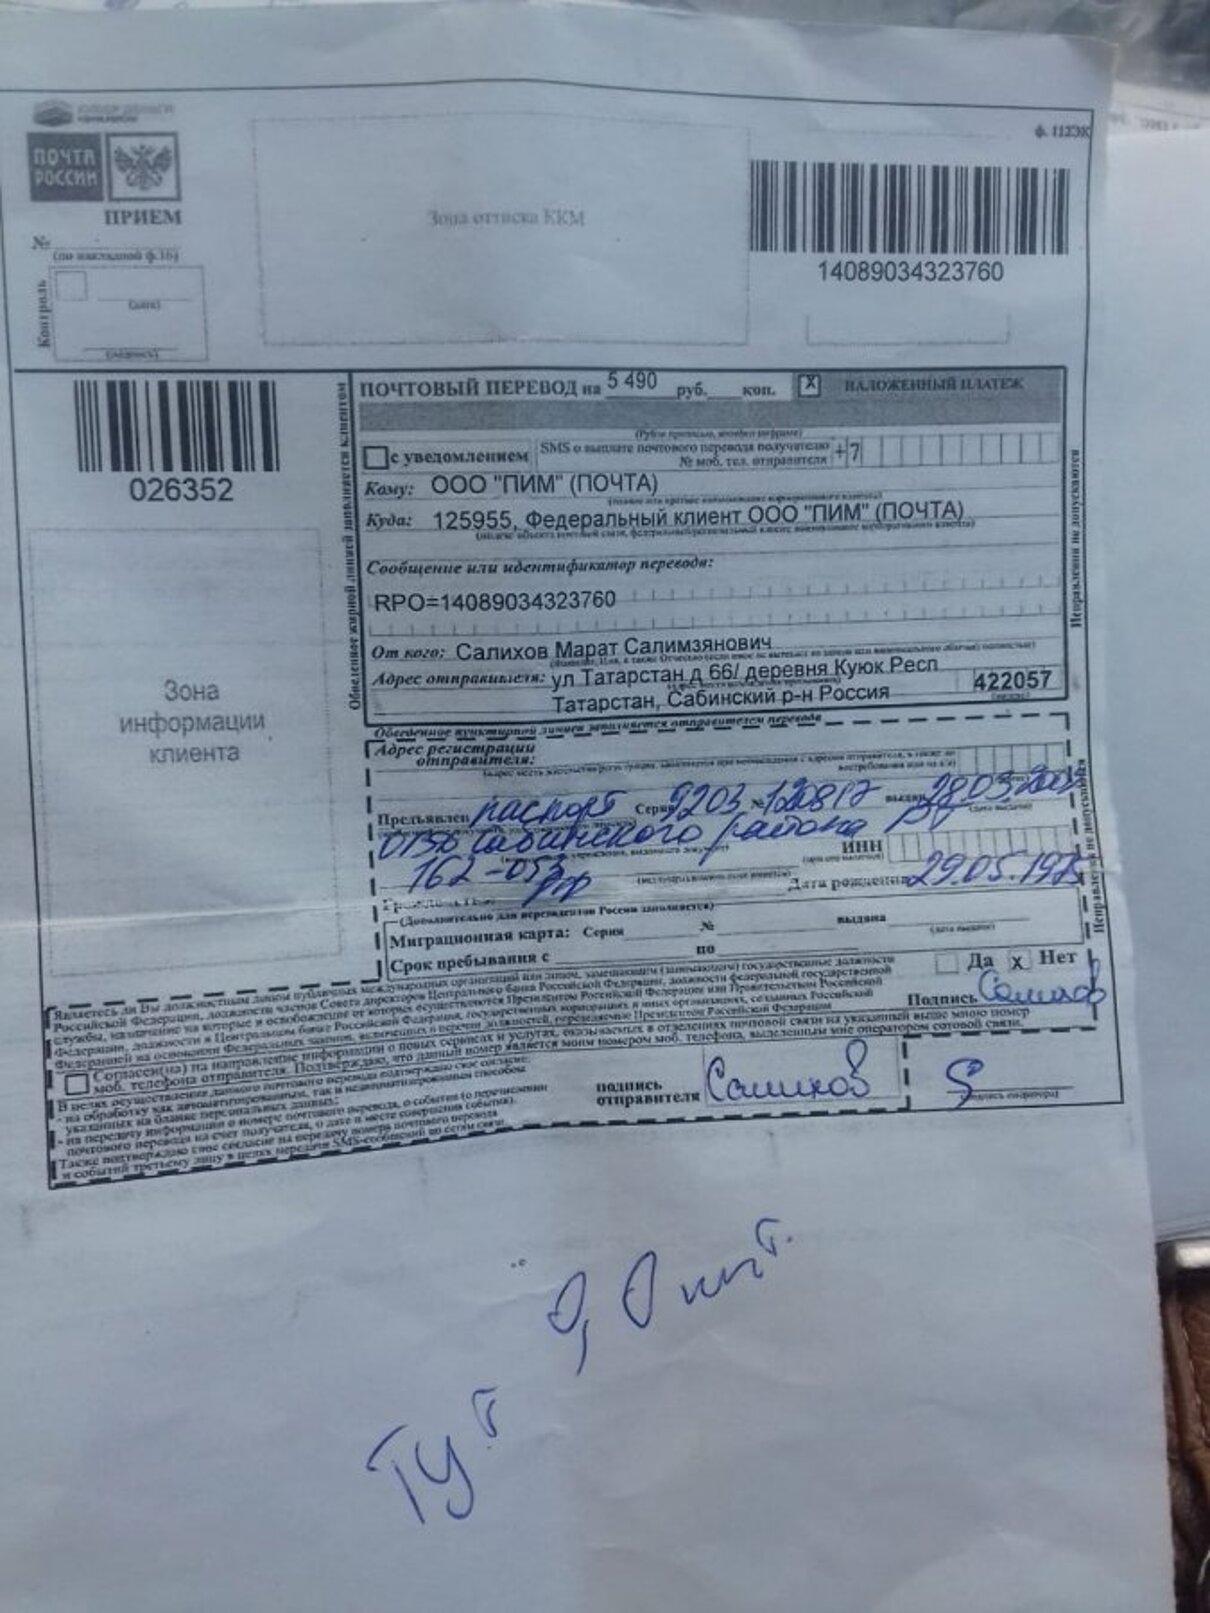 Жалоба-отзыв: Bluavido - Прислали не то что заказывали.  Фото №3